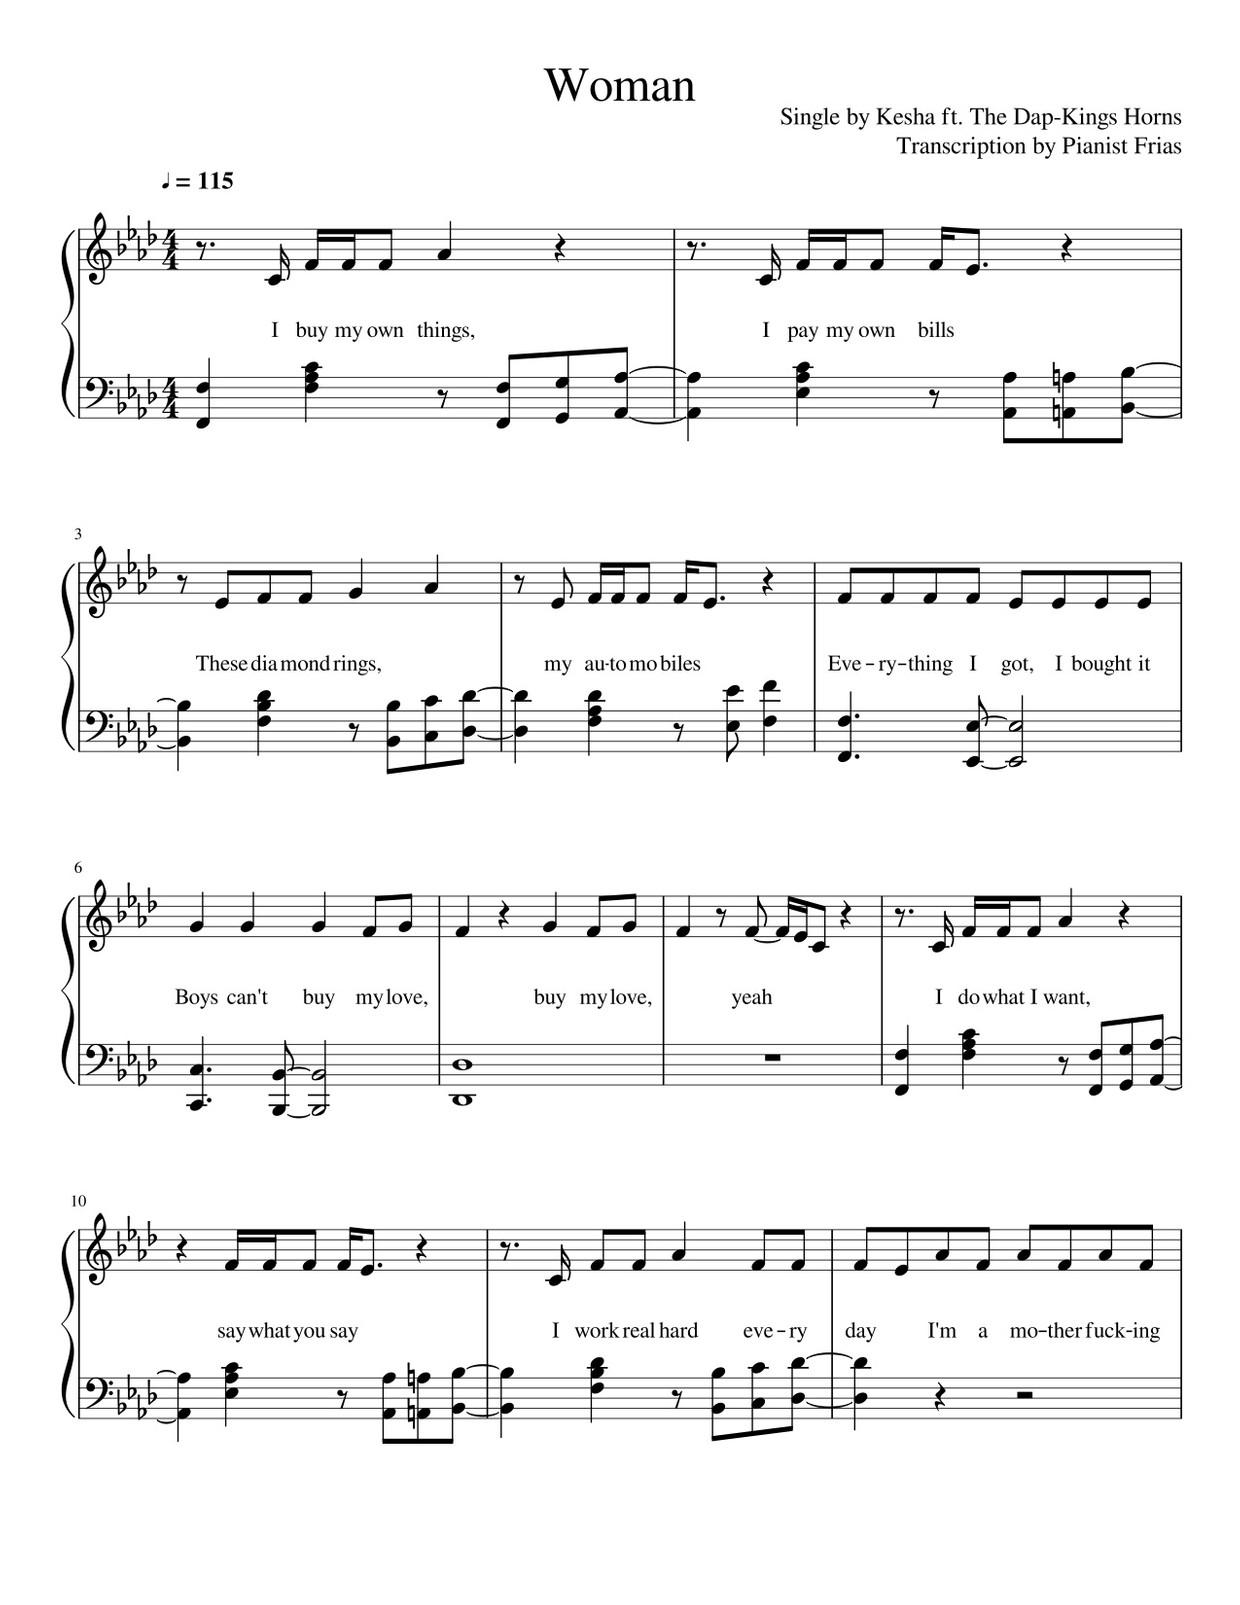 Kesha ft. The Dap-Kings Horns - Woman (pdf)